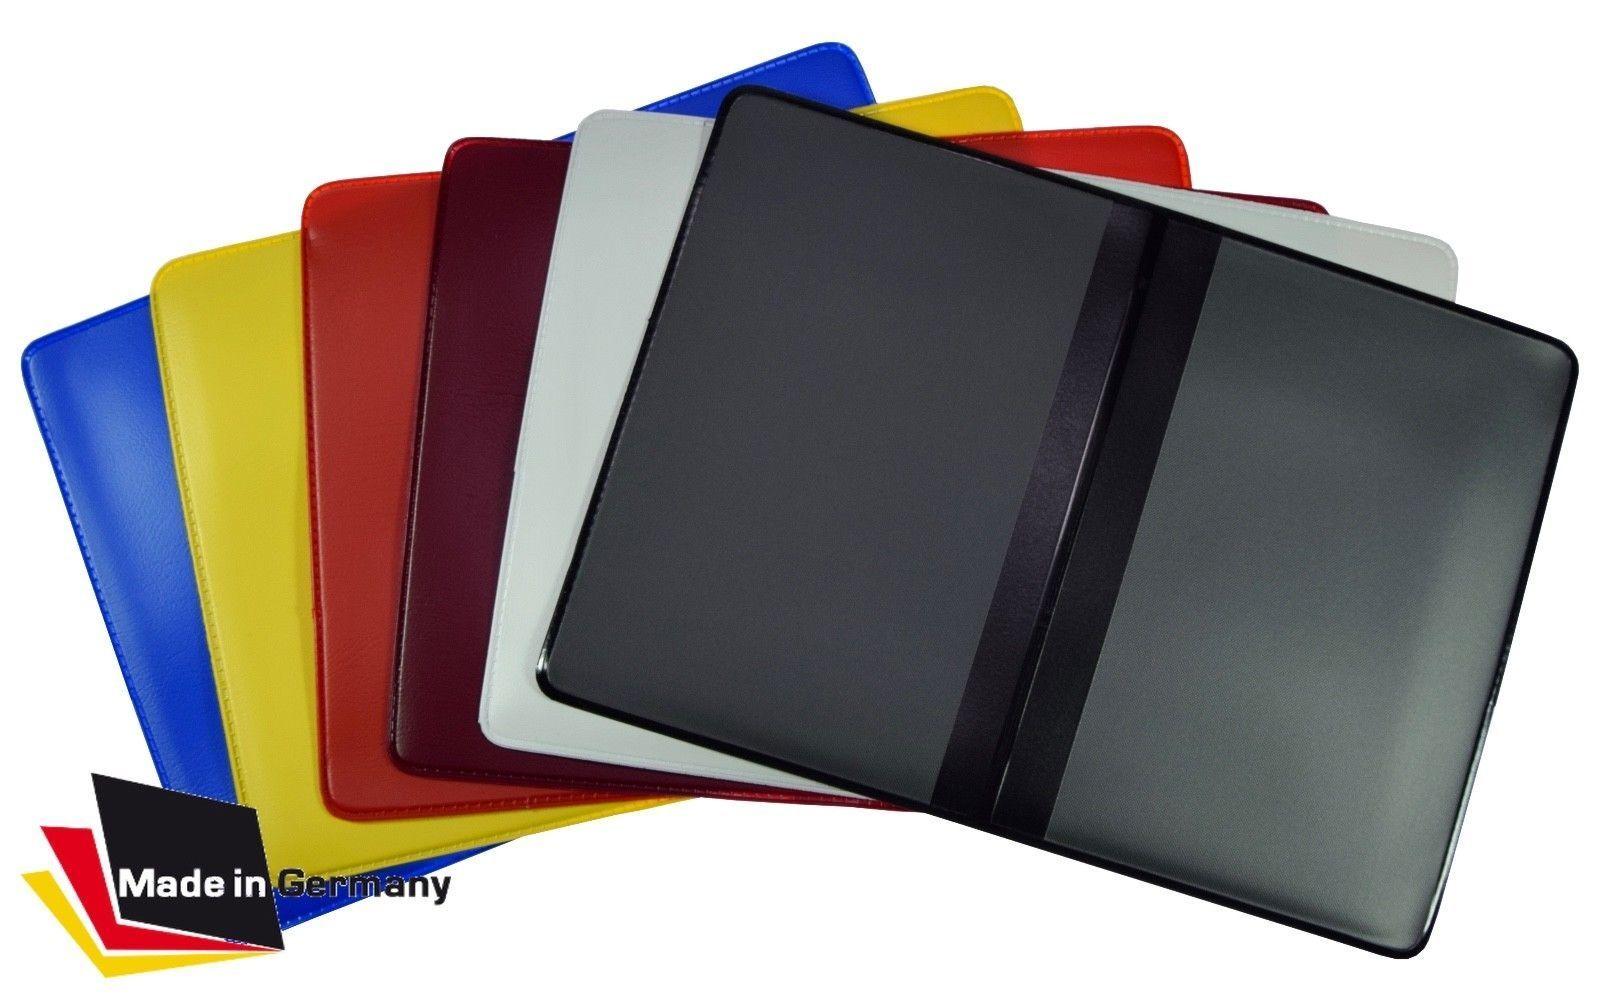 6bdd0fce16d0e ... KFZ Schein Schutzhülle Weiß NEU NEU NEU Fahrzeugschein Mappe Etui  Ausweis Kartenhülle 97645f ...